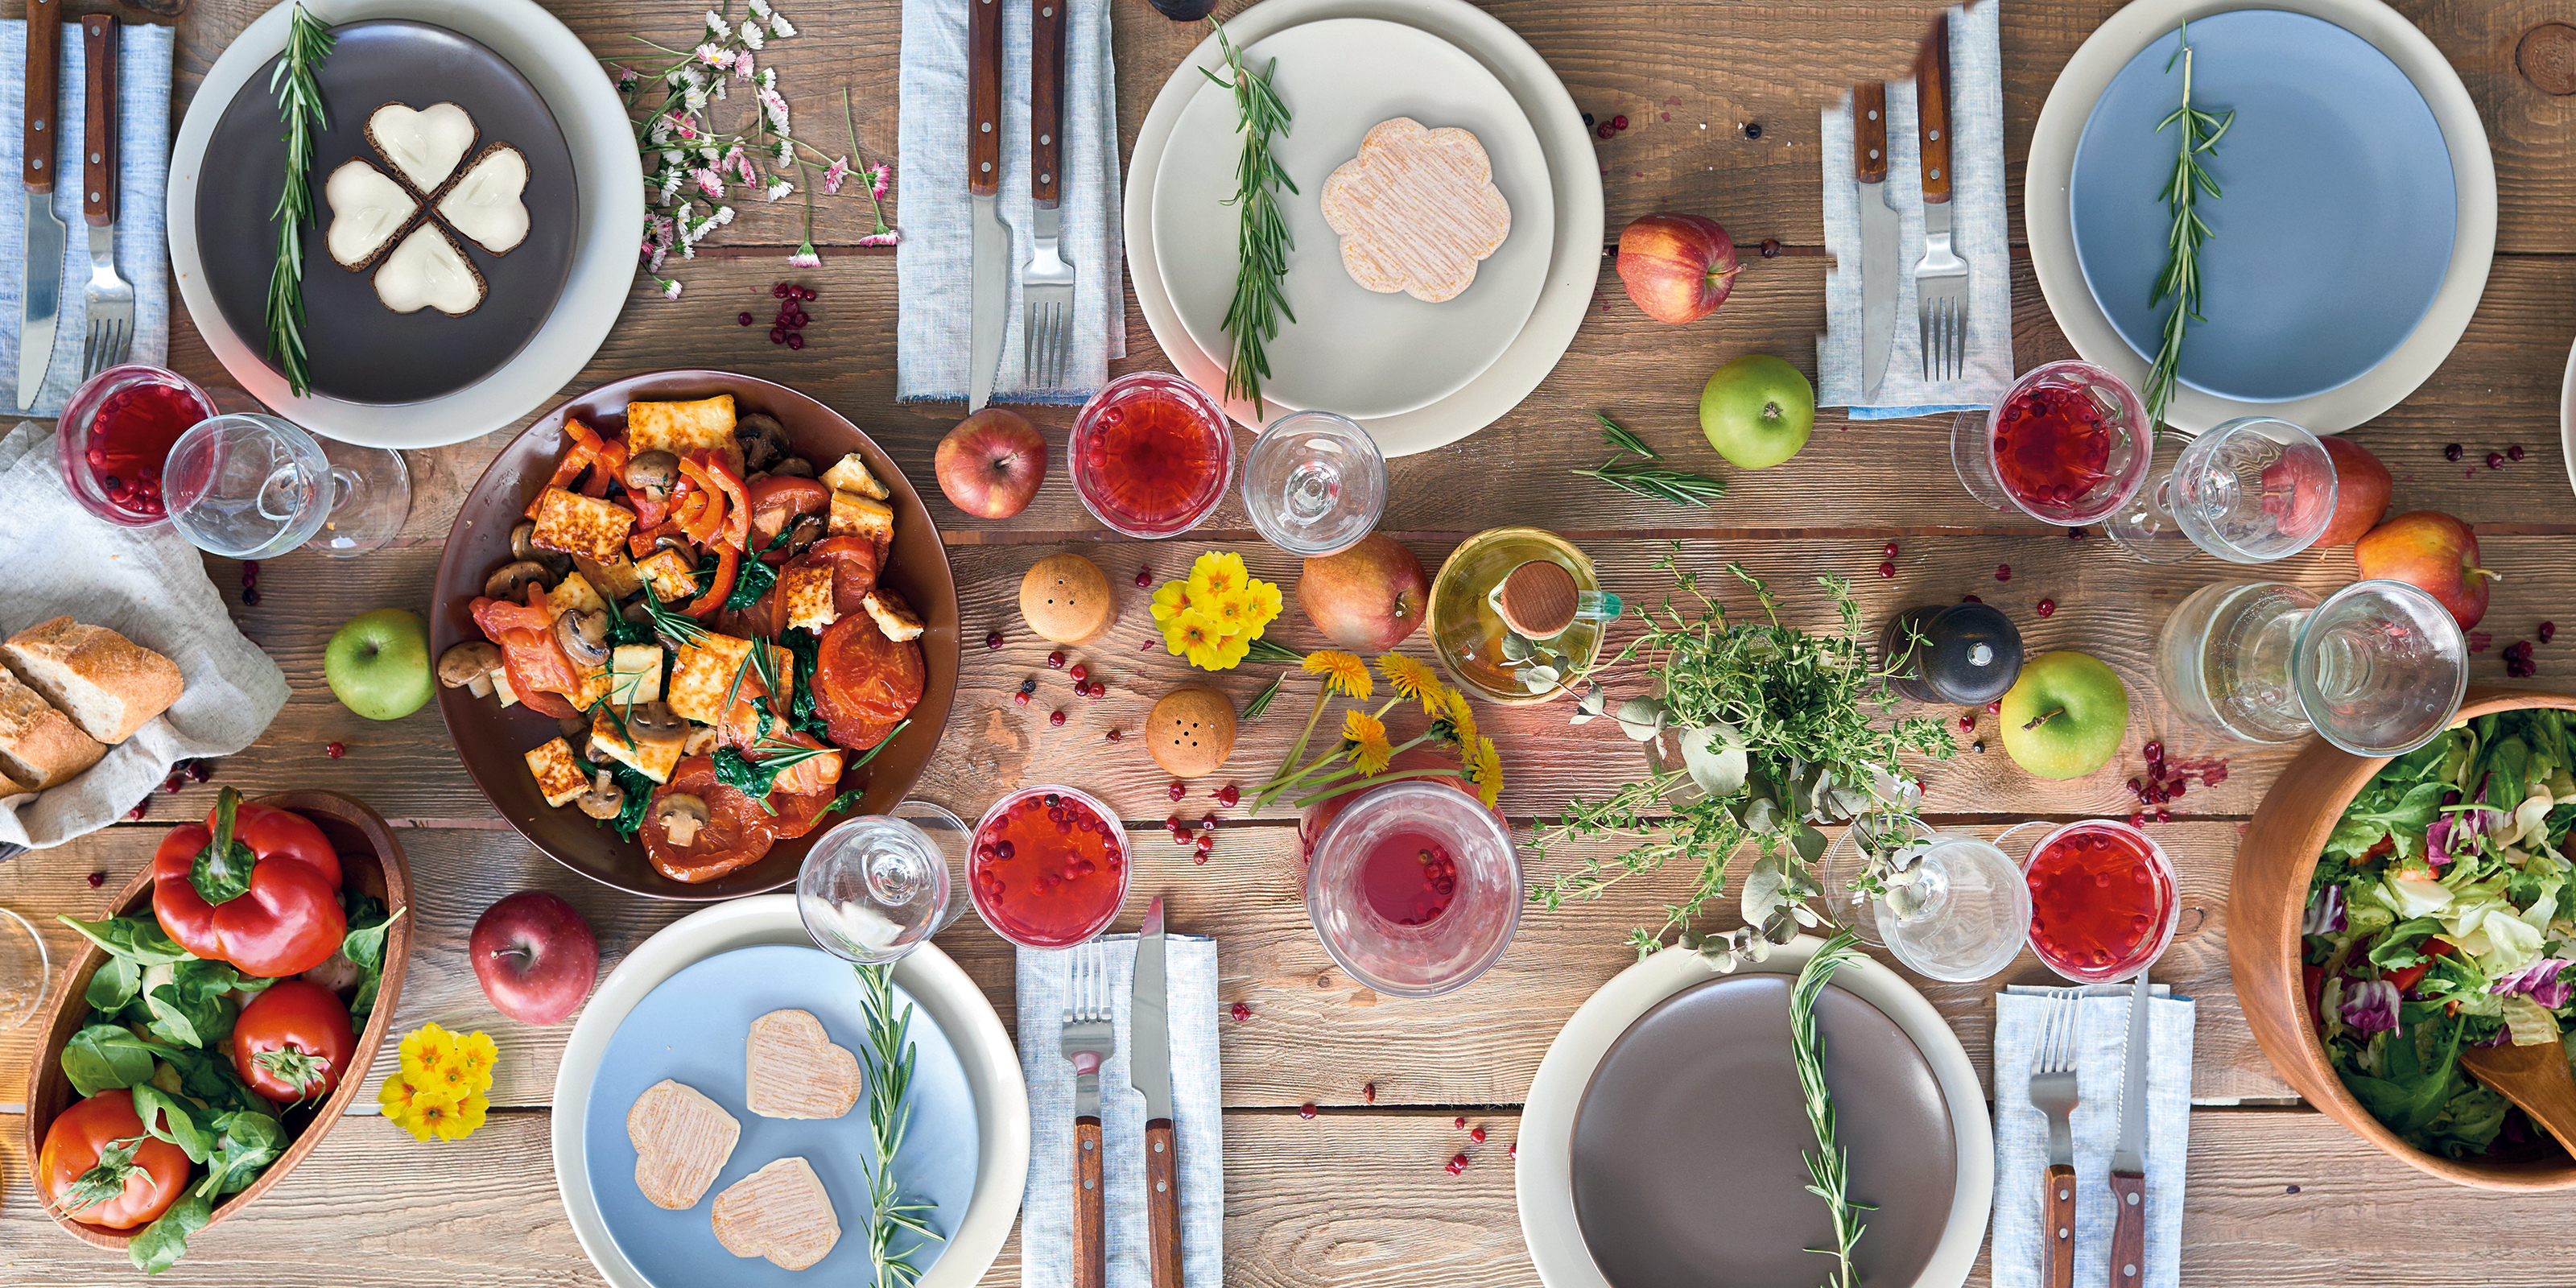 Bunt dekorierter Tisch zum Frühlingsanfang mit Blumen, Obst und Gemüse